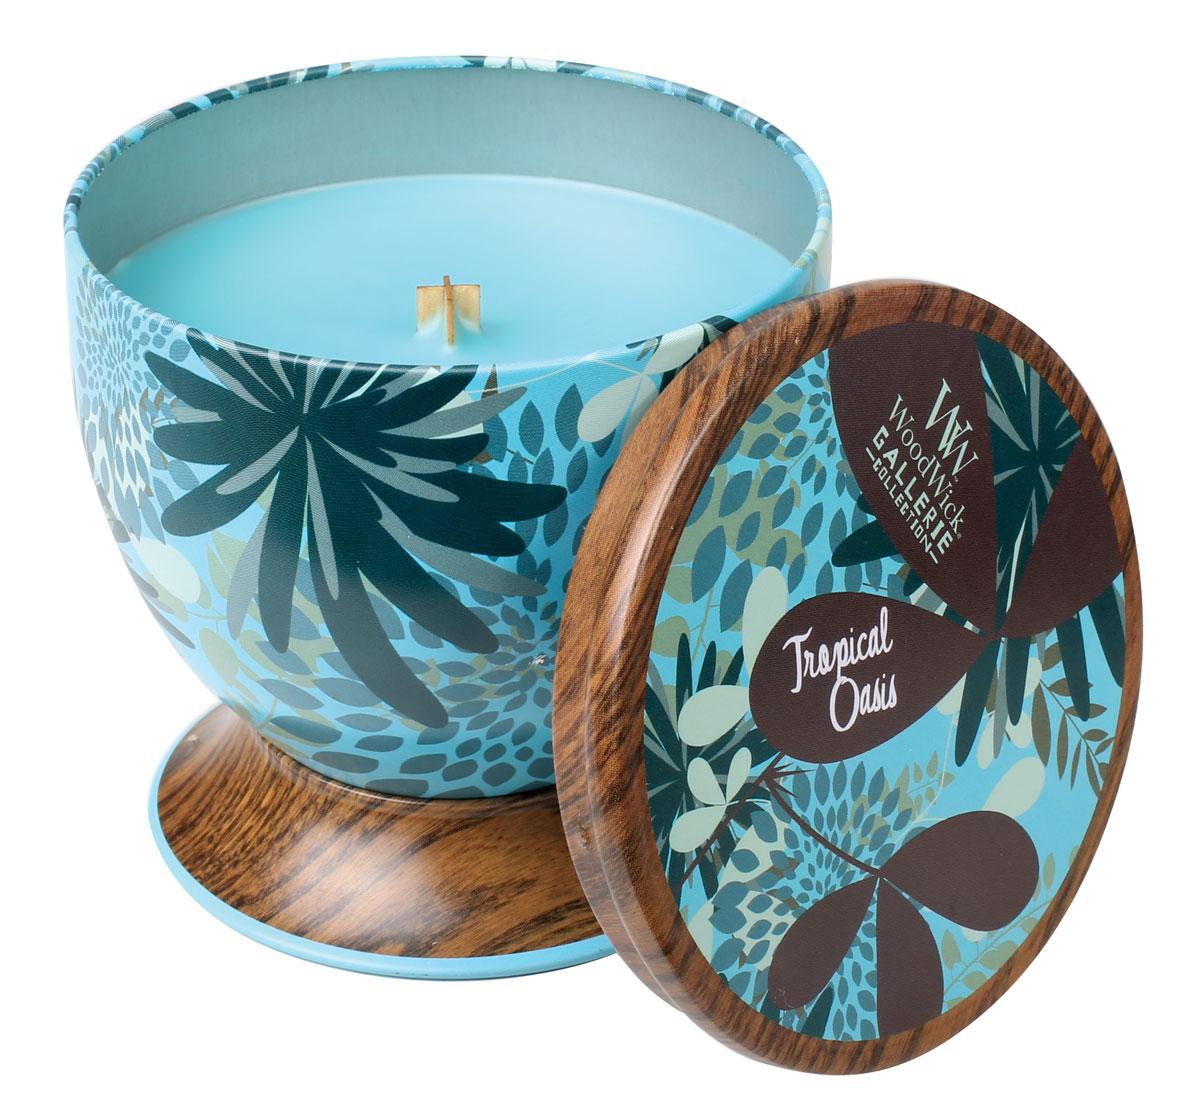 Аромат смеси тропических фруктов и кокоса. Ароматические свечи от WoodWick позволят вам почувствовать уютный комфорт пылающего камина в любом месте вашего дома, благодаря фитилю, сделанного из органического дерева. У свечи длинное танцующее пламя и успокаивающее потрескивание при горении. Изготовлена она из высококачественной соевой восковой смеси, которая равномерно сгорает и выделяет разные ароматы. Все свечи имеют металлическую упаковку и древесную крышку. Эти роскошно душистые свечи будут гореть примерно в течение 50 - 80 часов.